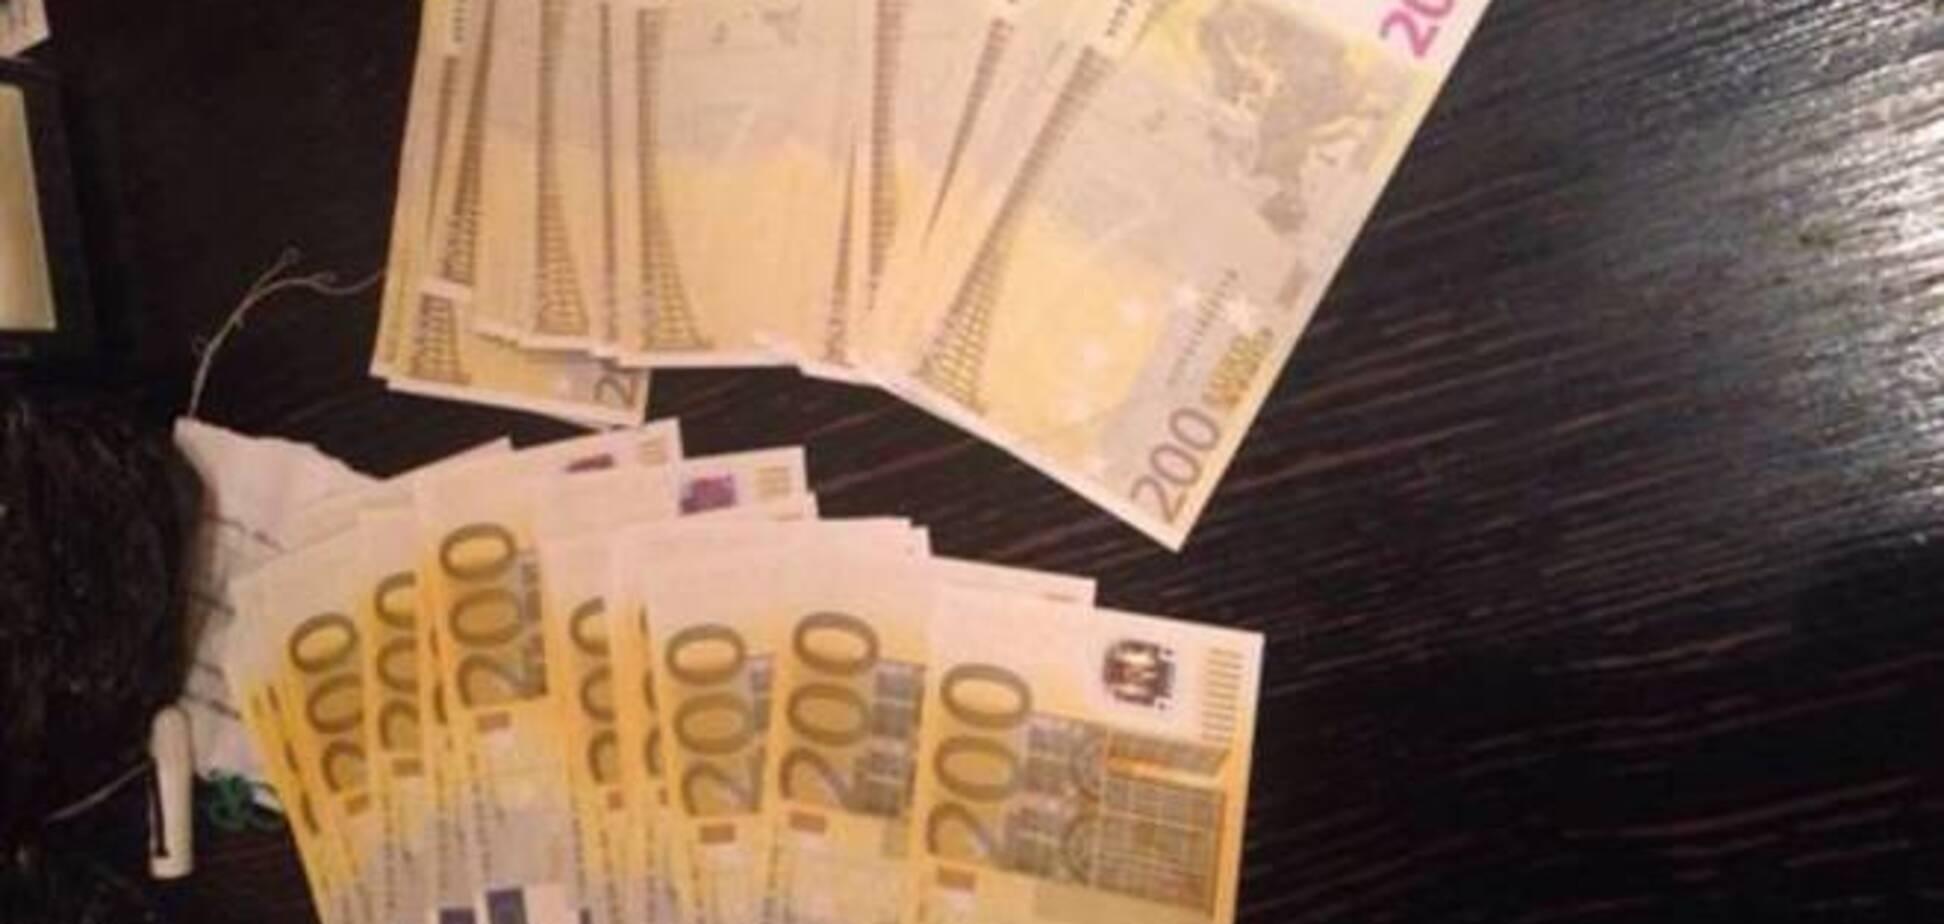 В Украине перекрыли международный канал поступления поддельной валюты: опубликованы фото